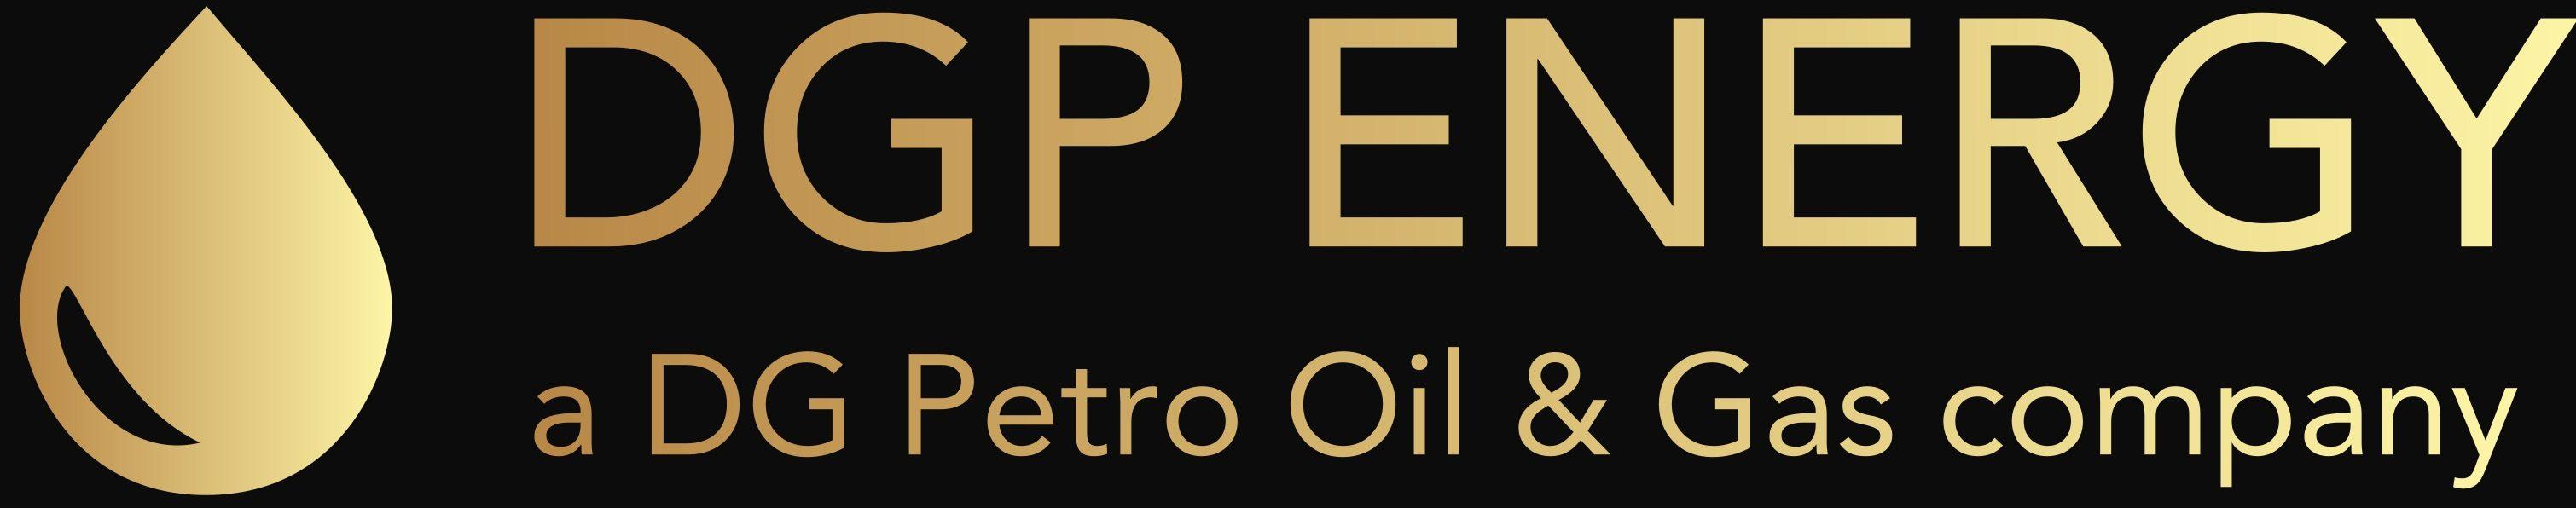 DG Petro